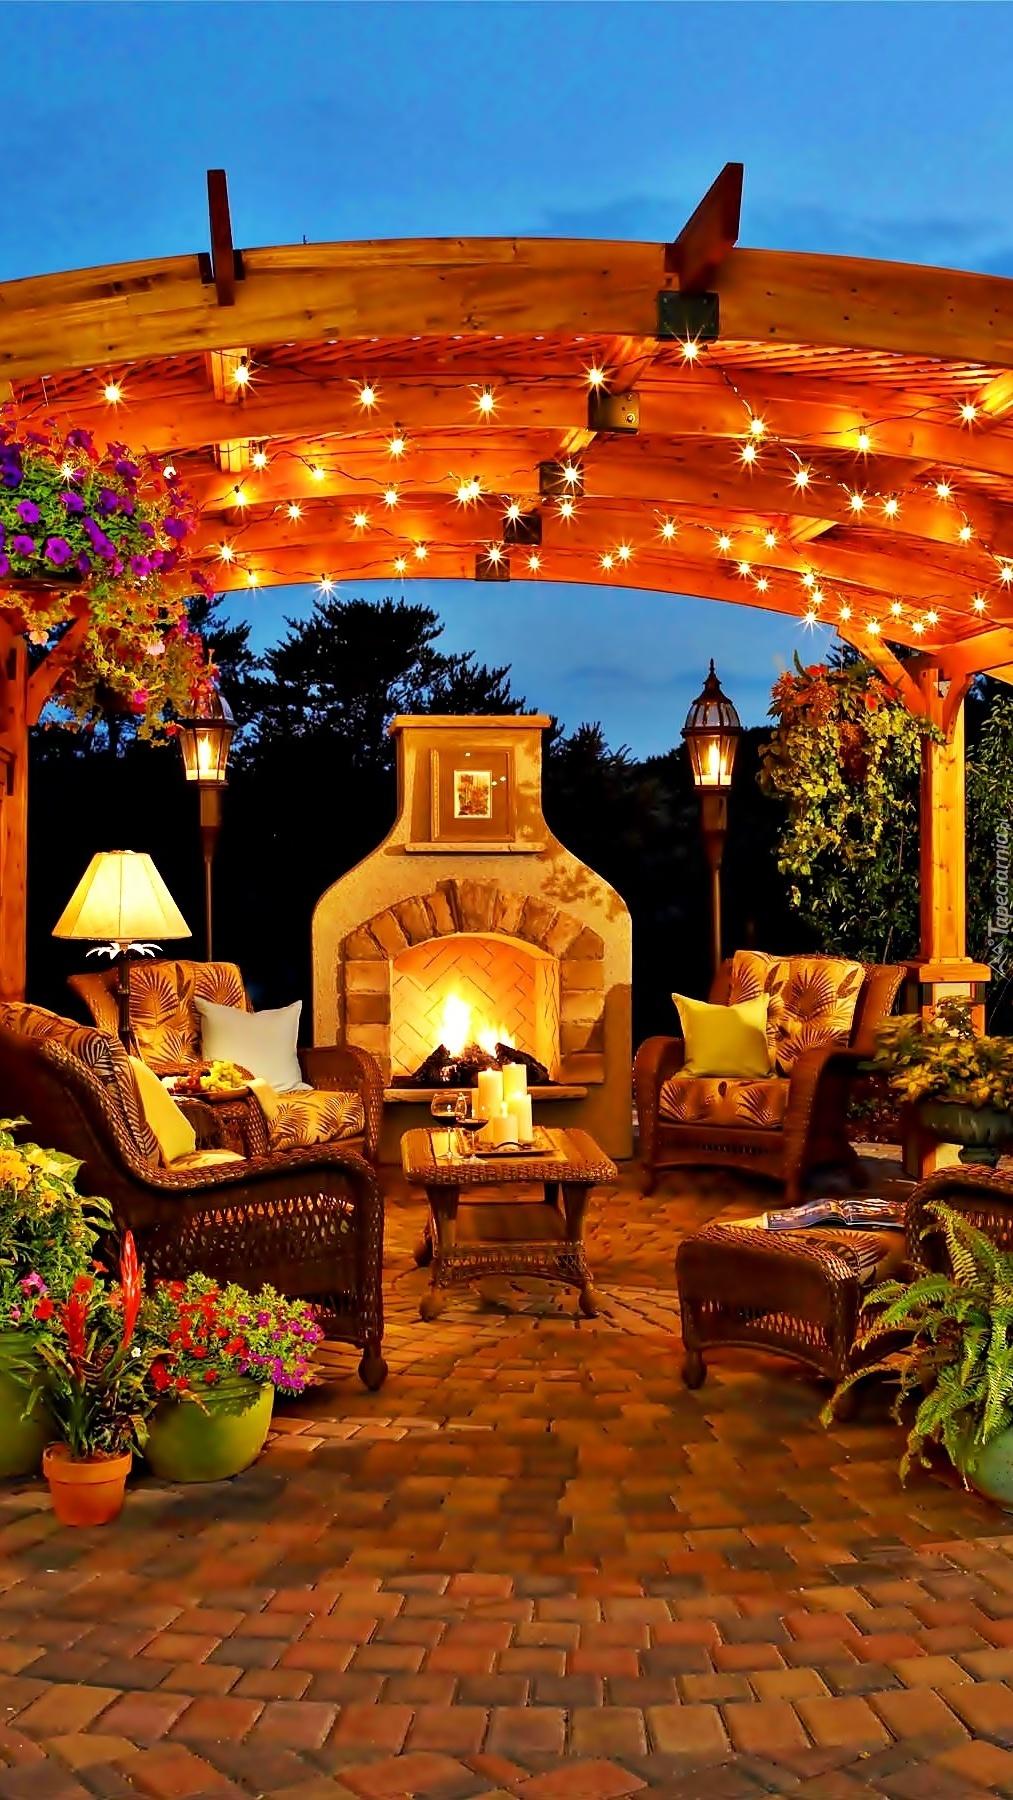 Odpoczynek w ogrodowej altanie przy kominku